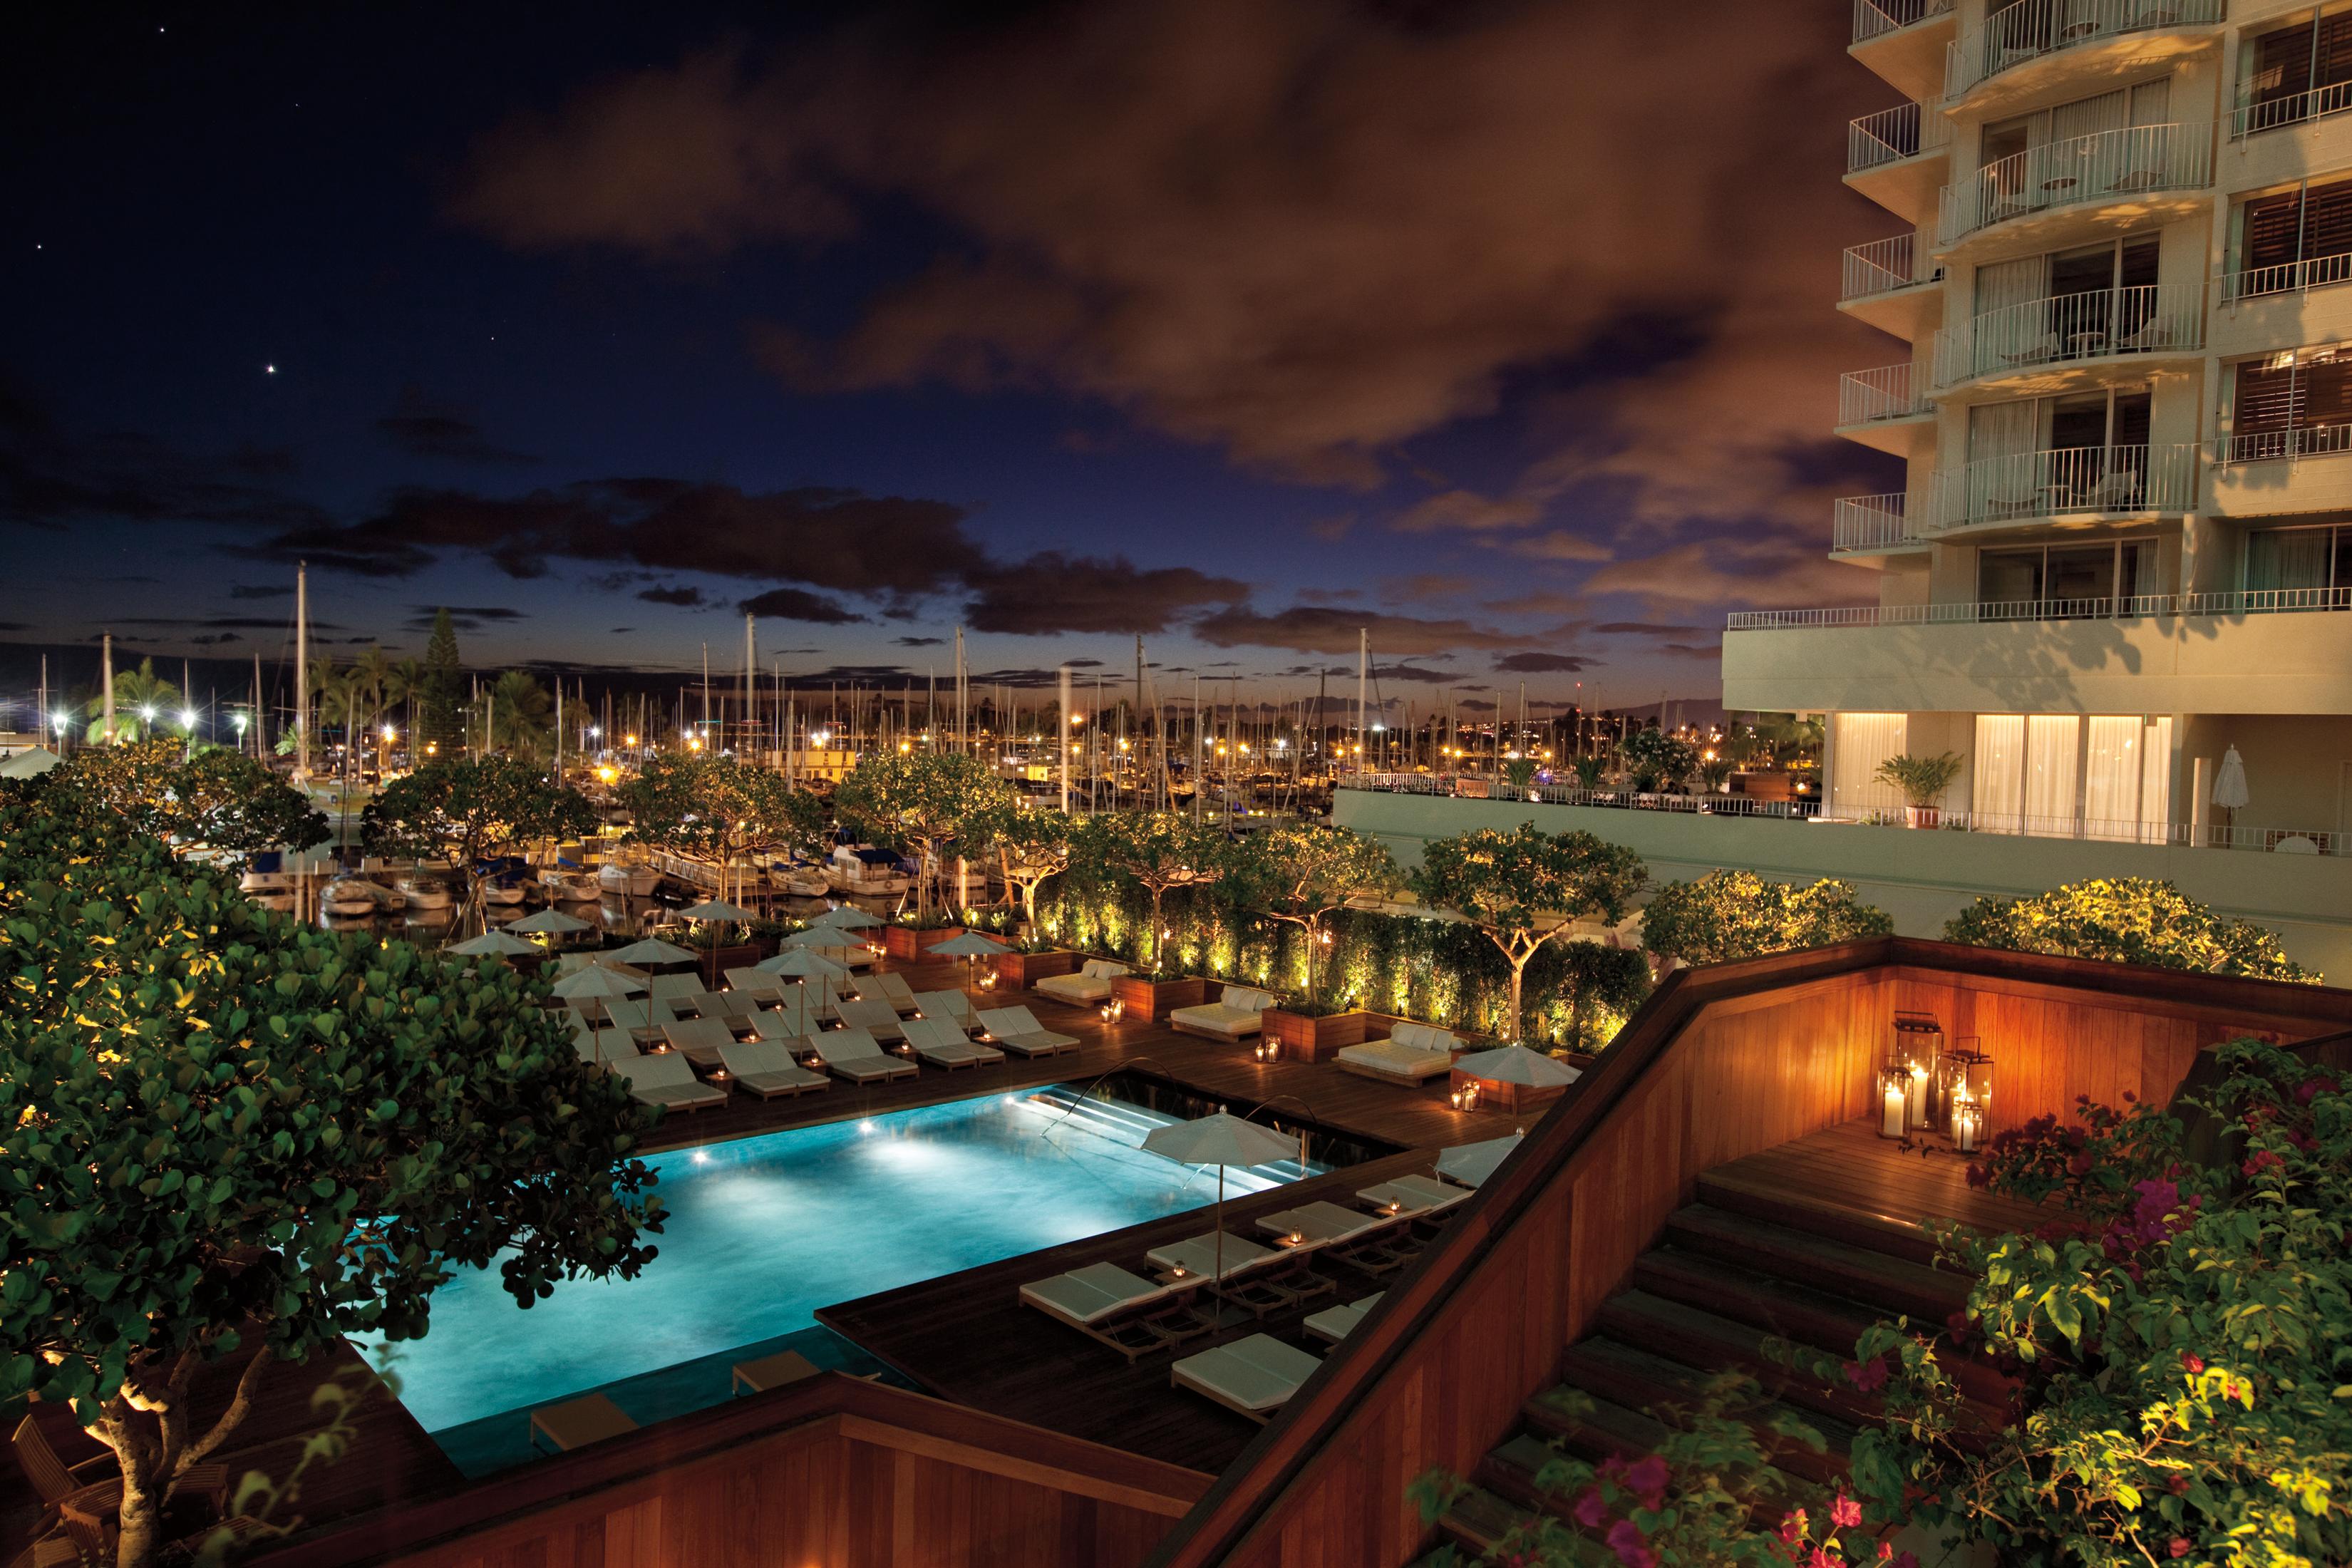 The Waikiki Edition - R.D. OLSON